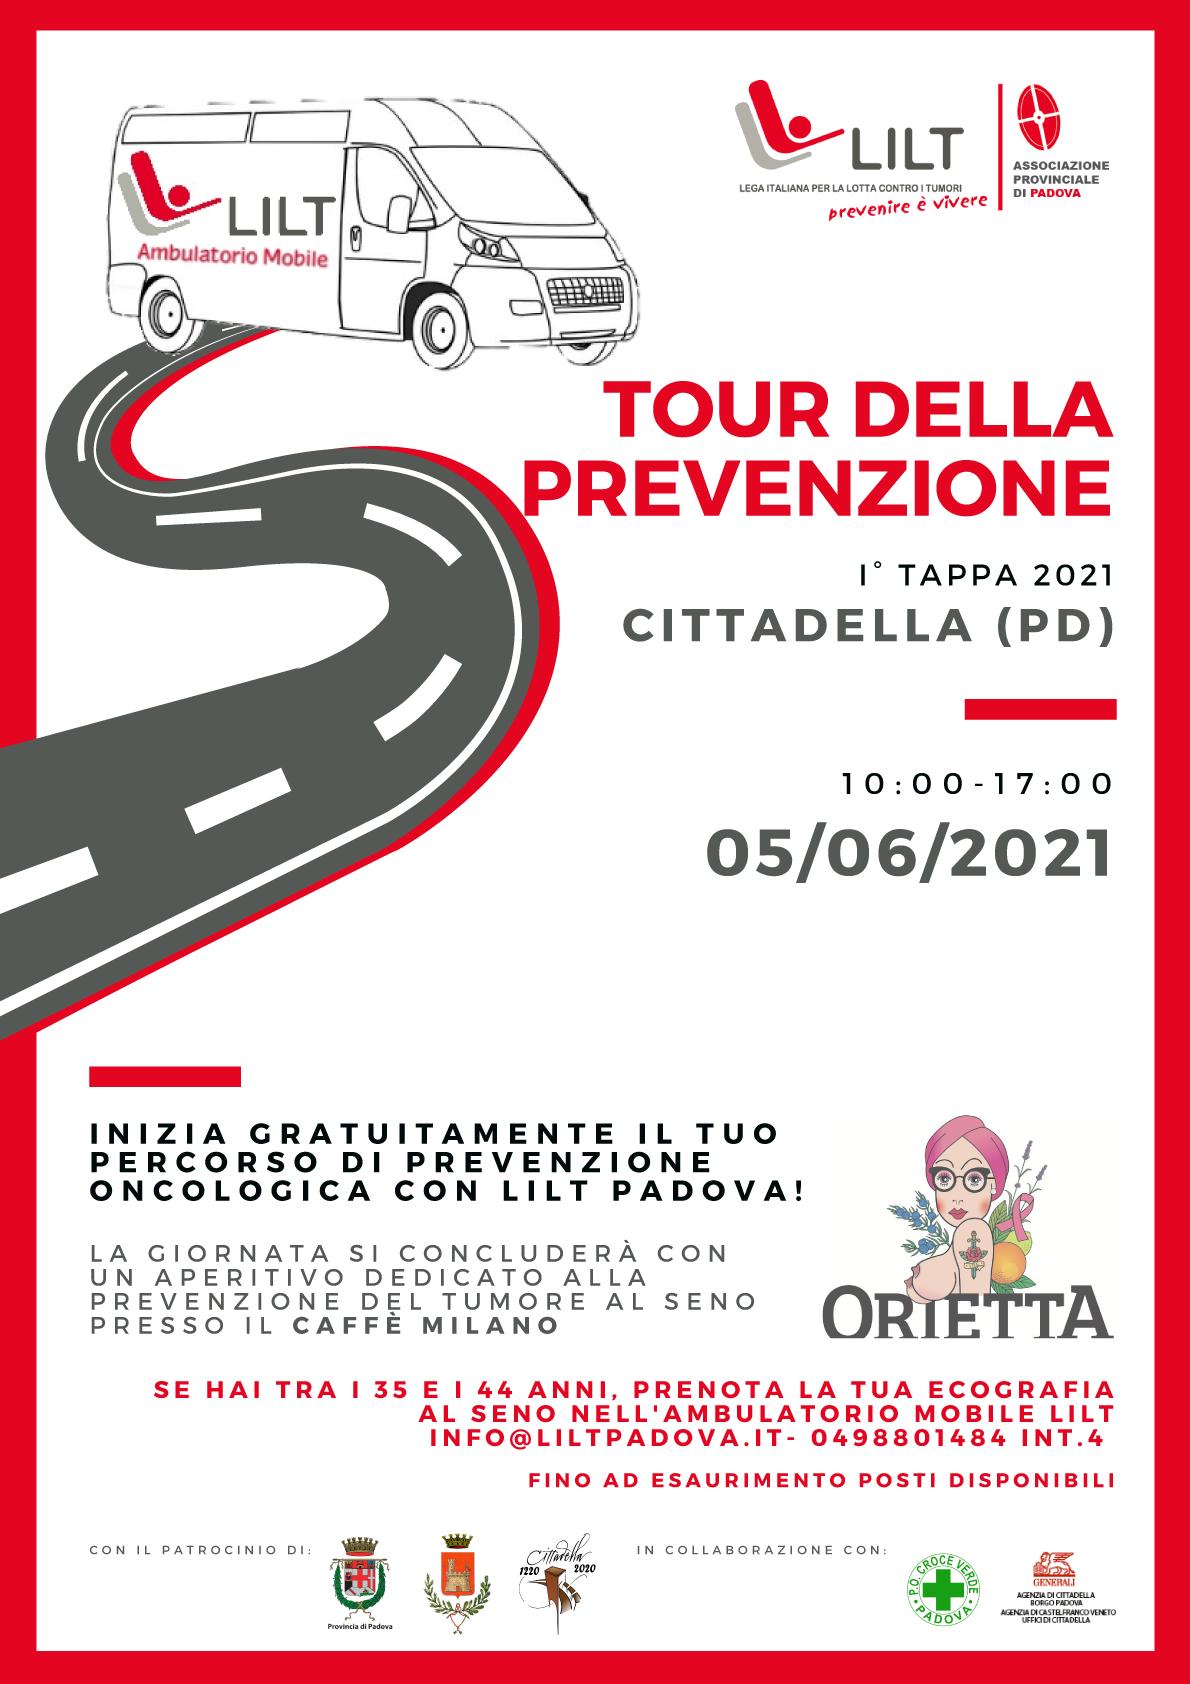 LILT tour della prevenzione Cittadella